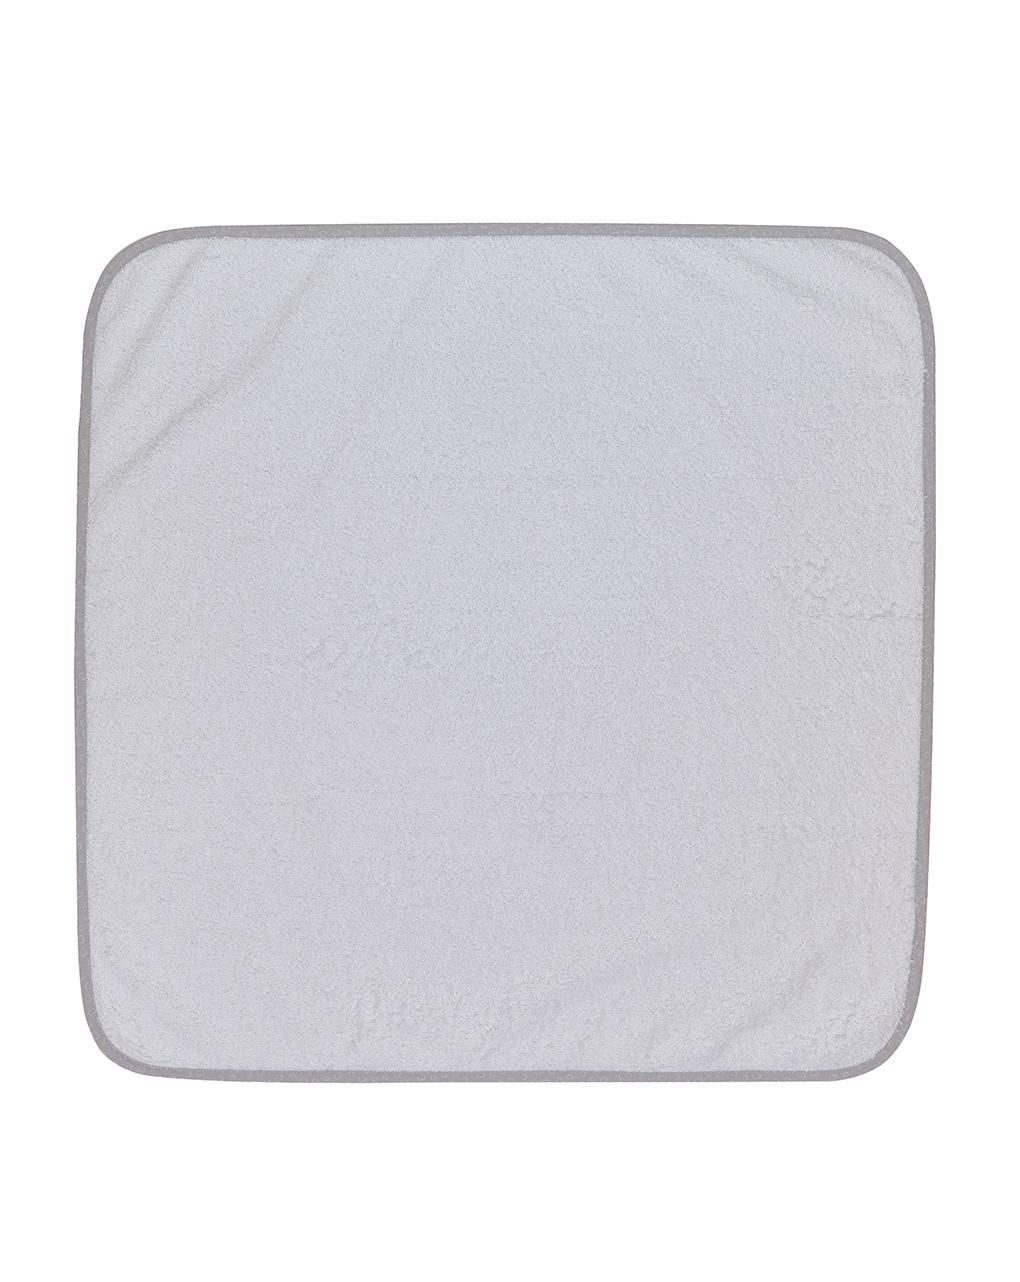 Pacote de 2 toalhas felpudas - Prénatal